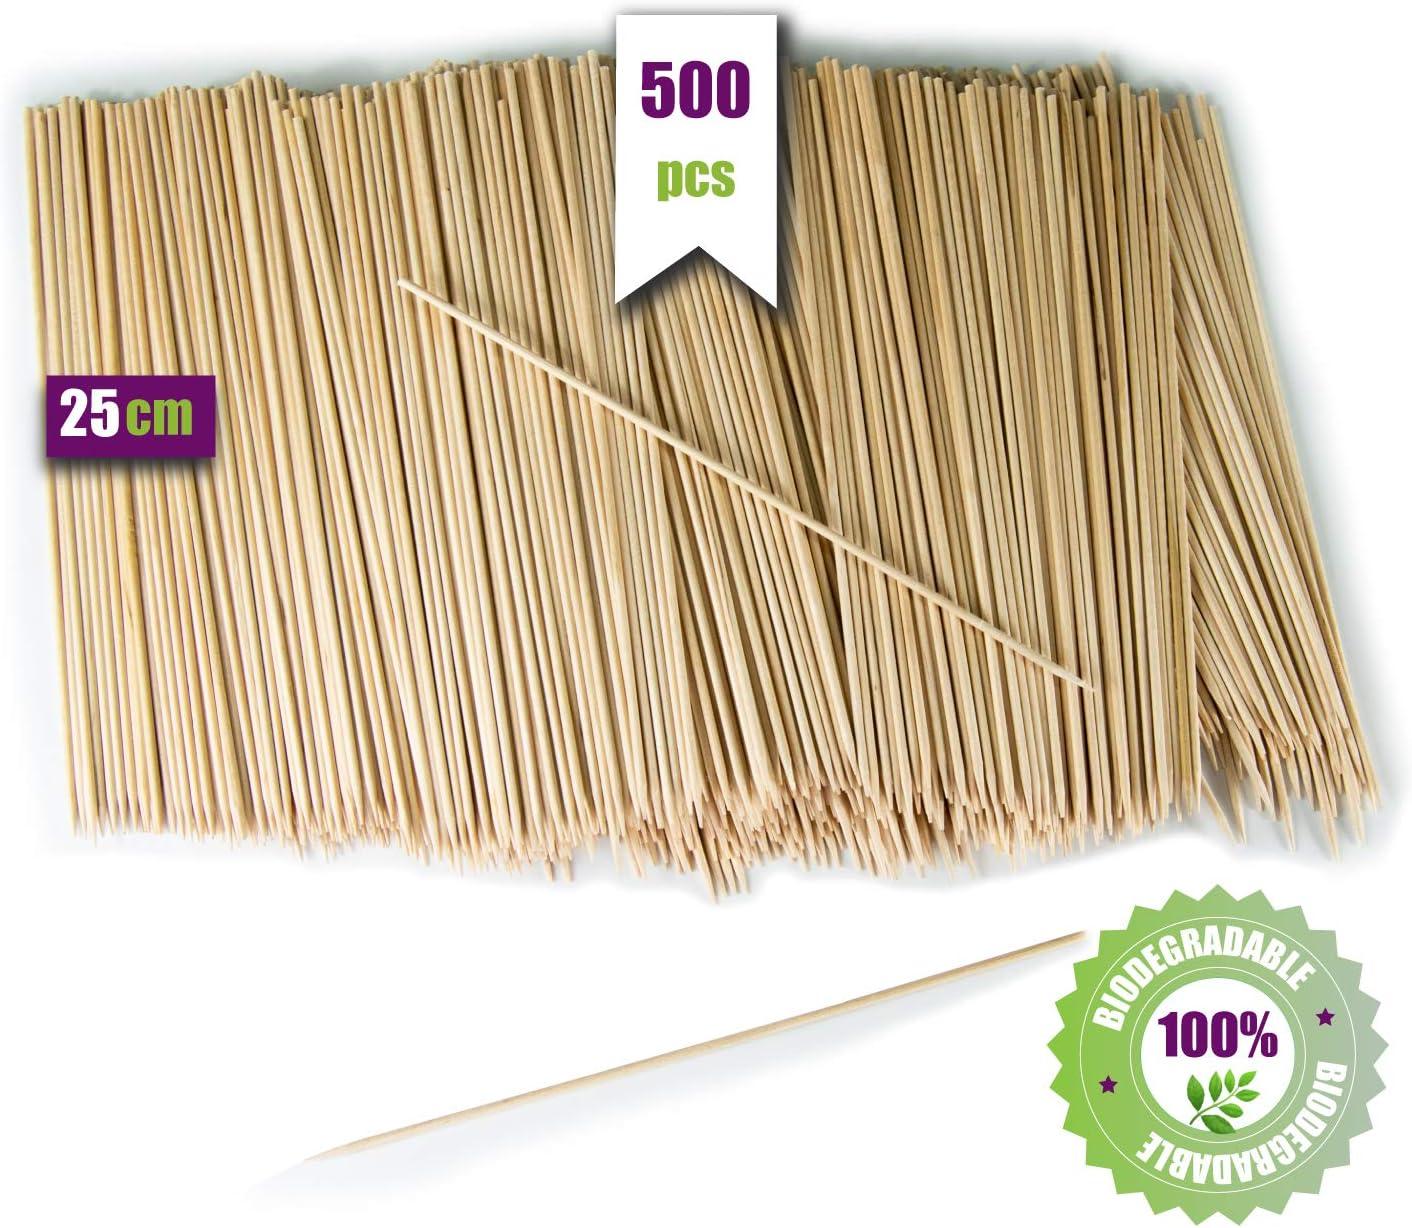 GoBeTree 500 Brochetas de Madera de 25 cm y Ø 3 mm de diámetro. Pinchos y Palos de Madera bambú para Parrillas, barbacoas, Carnes, Verduras. Palos de Madera para Manualidades.